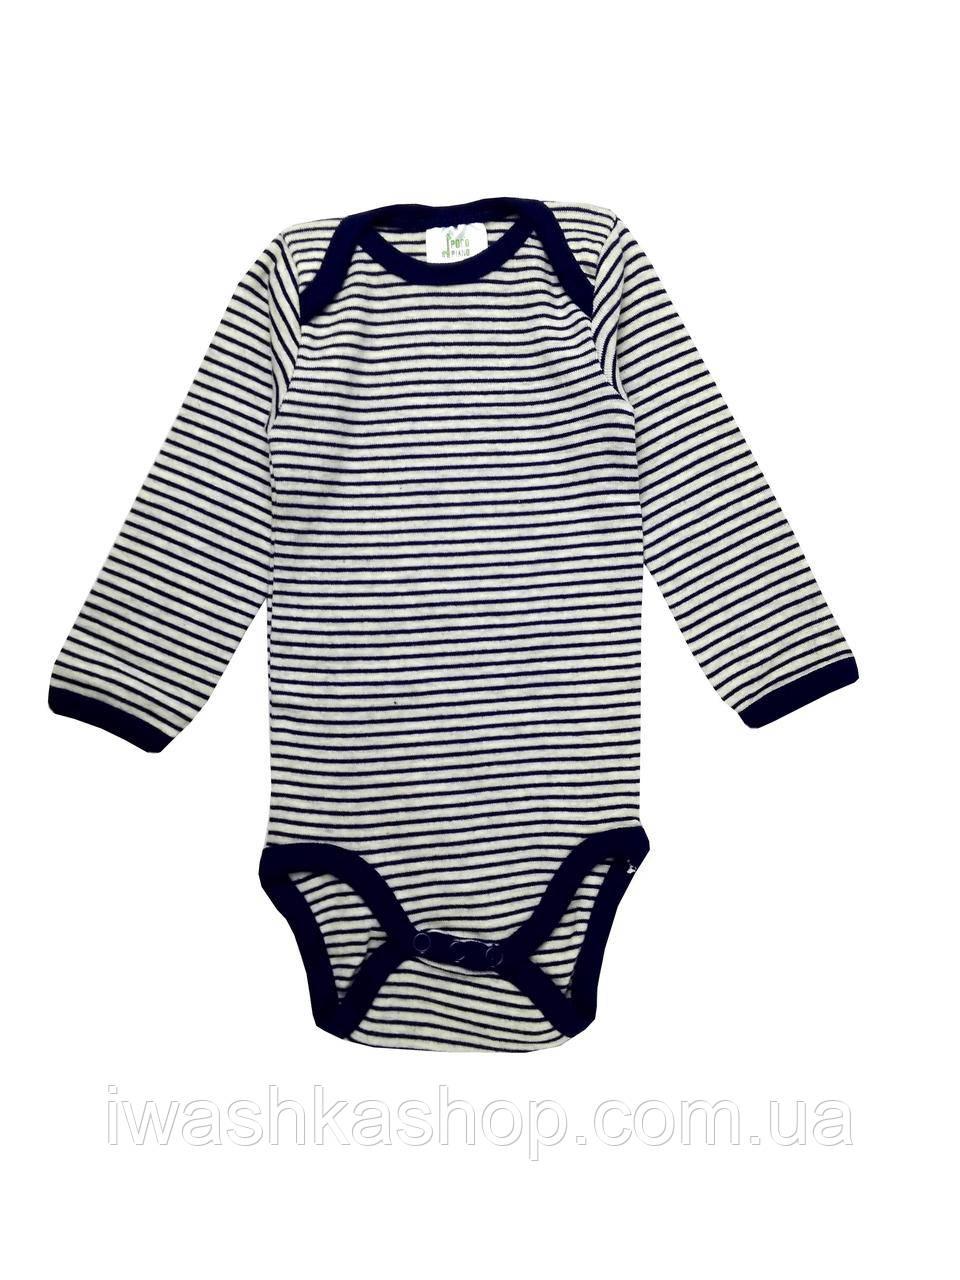 Боди с длинными рукавами на мальчика 6 - 12 месяцев, р. 74 - 80, Pocopiano